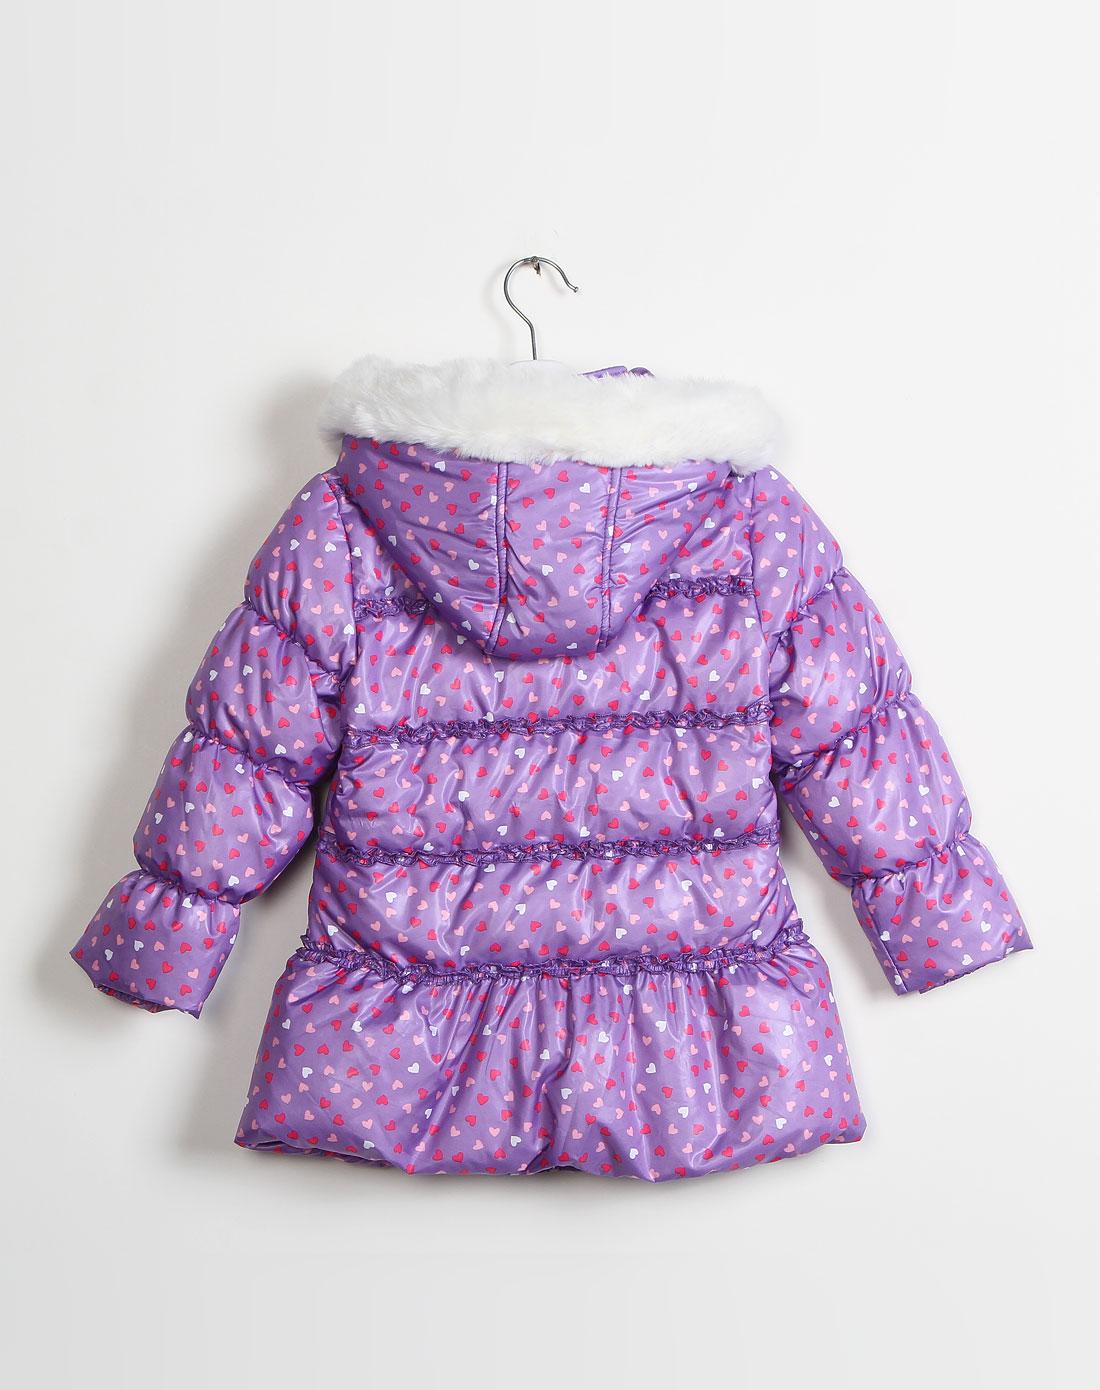 麻希玛柔moshimoro男女童混合专场-女童浅紫色心形印花带帽长袖羽绒服